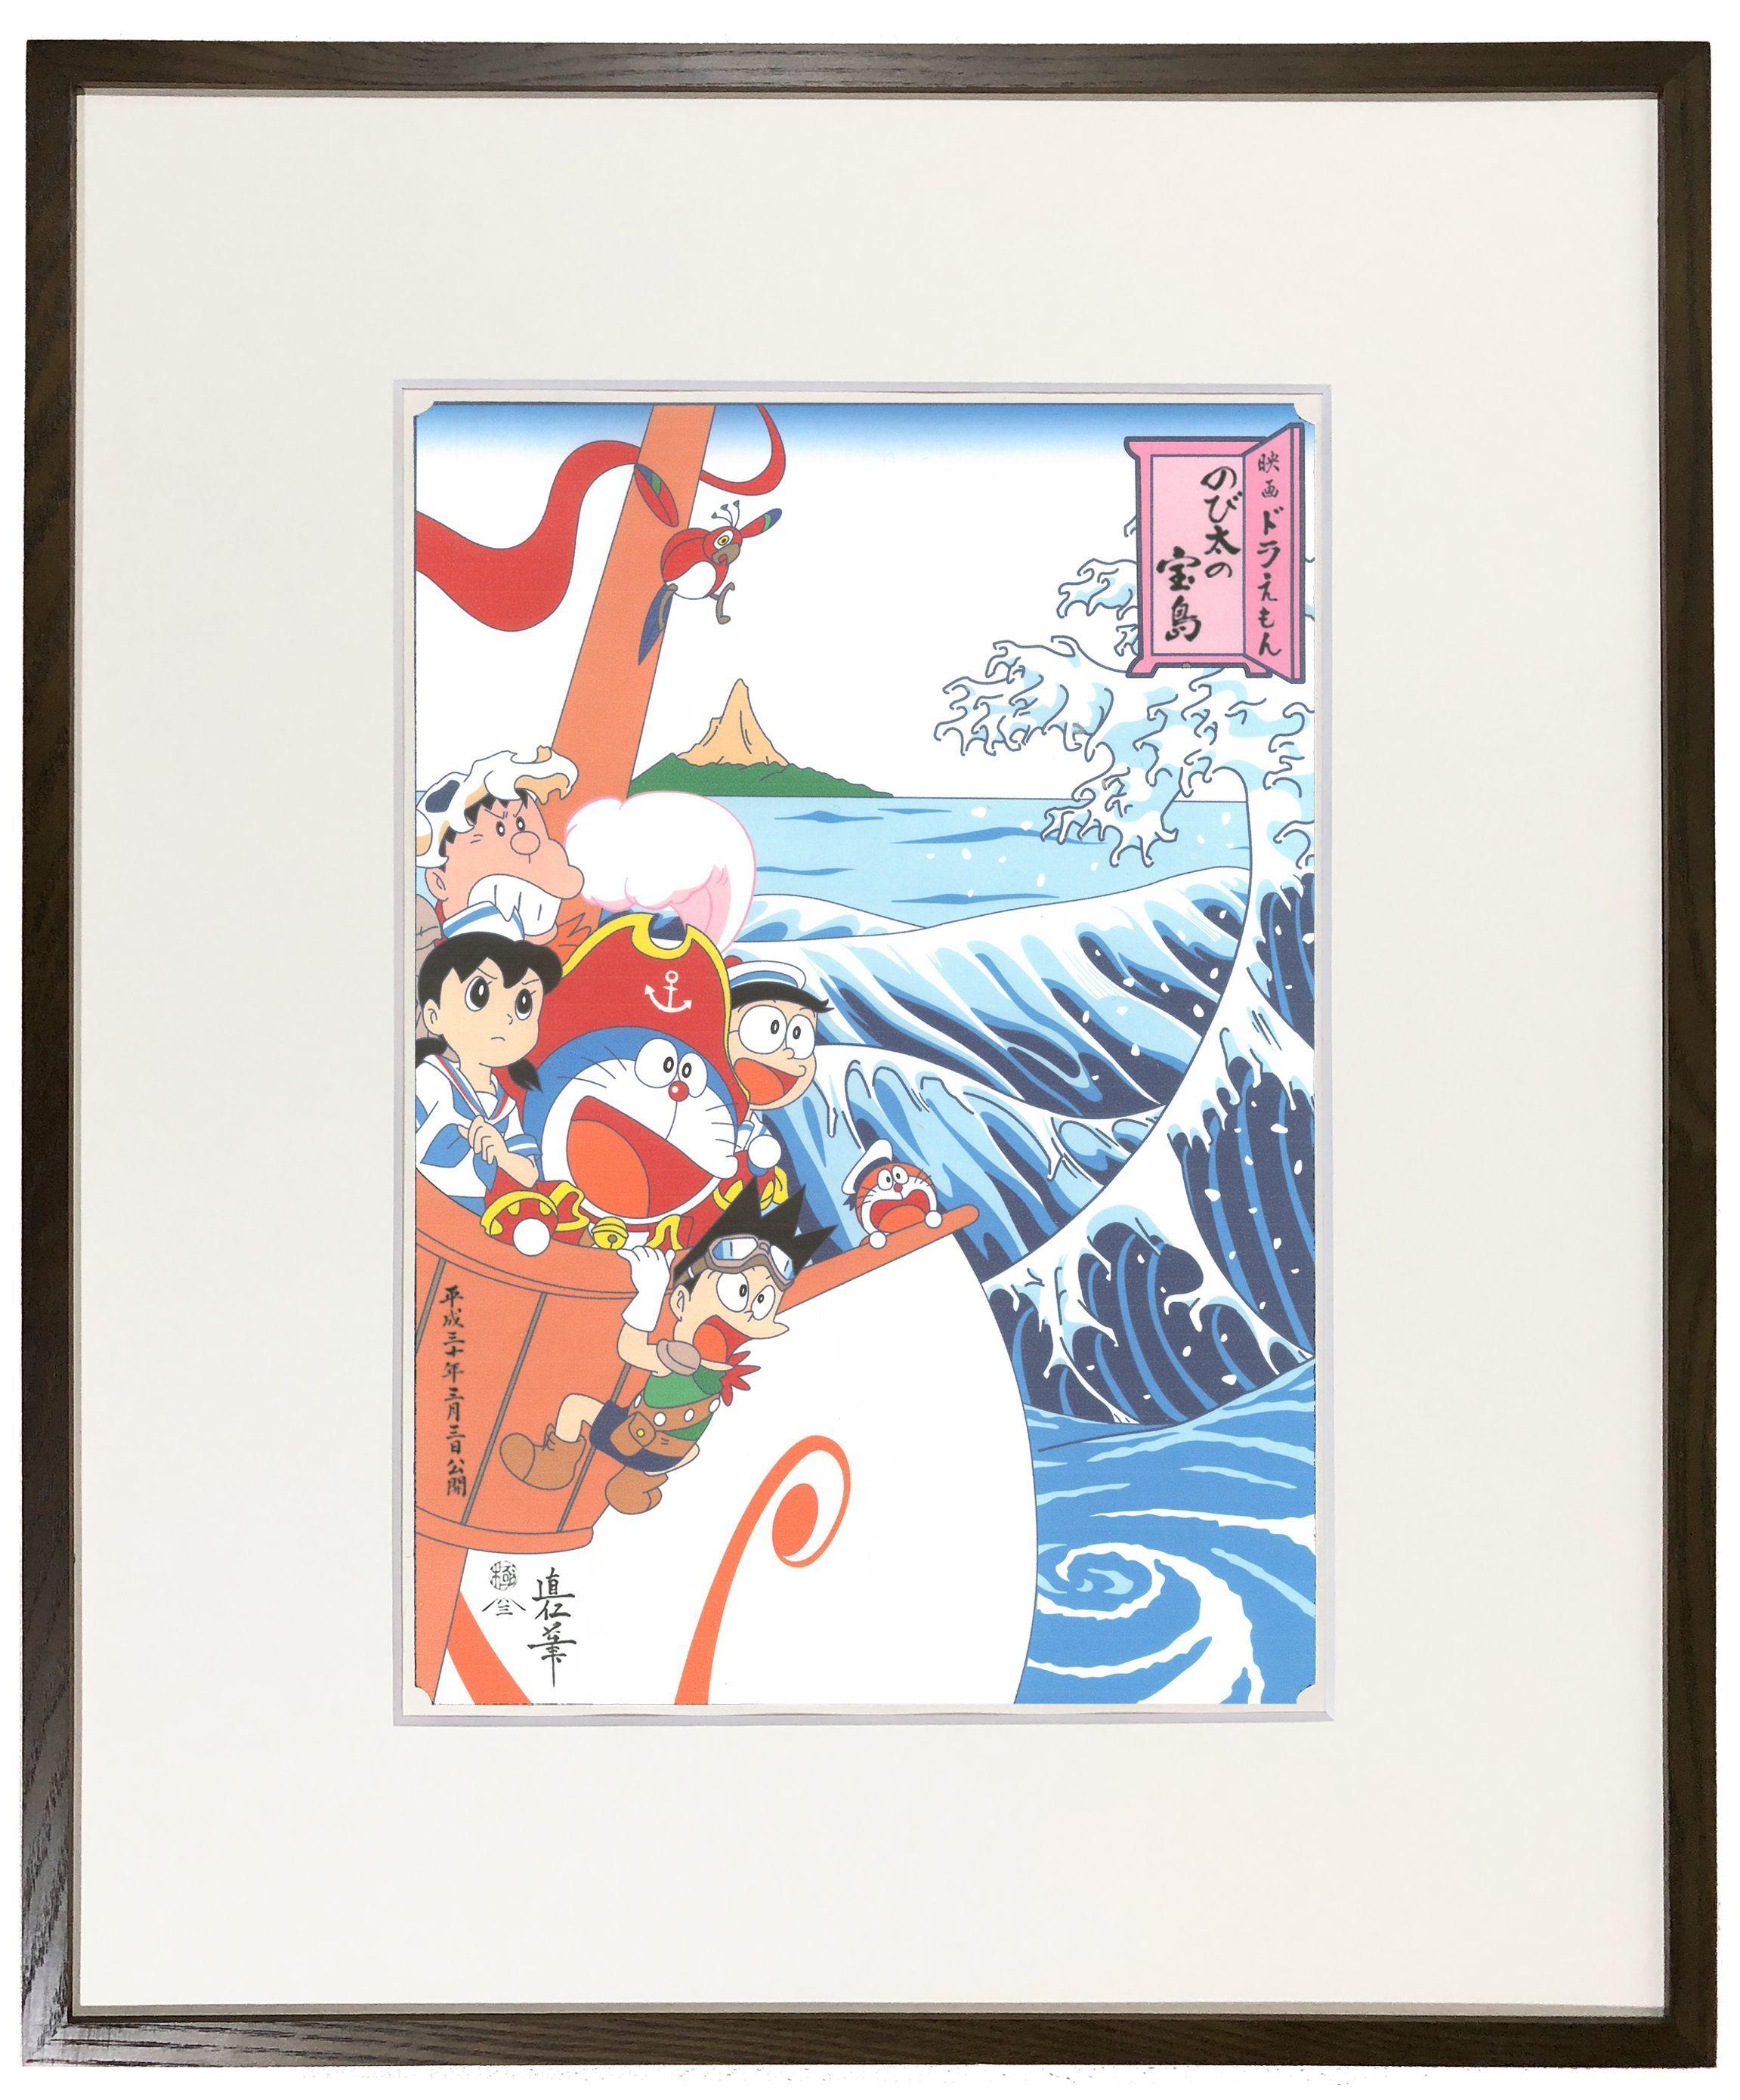 浮世絵のドラえもん 宝島のかっこいい画像です。